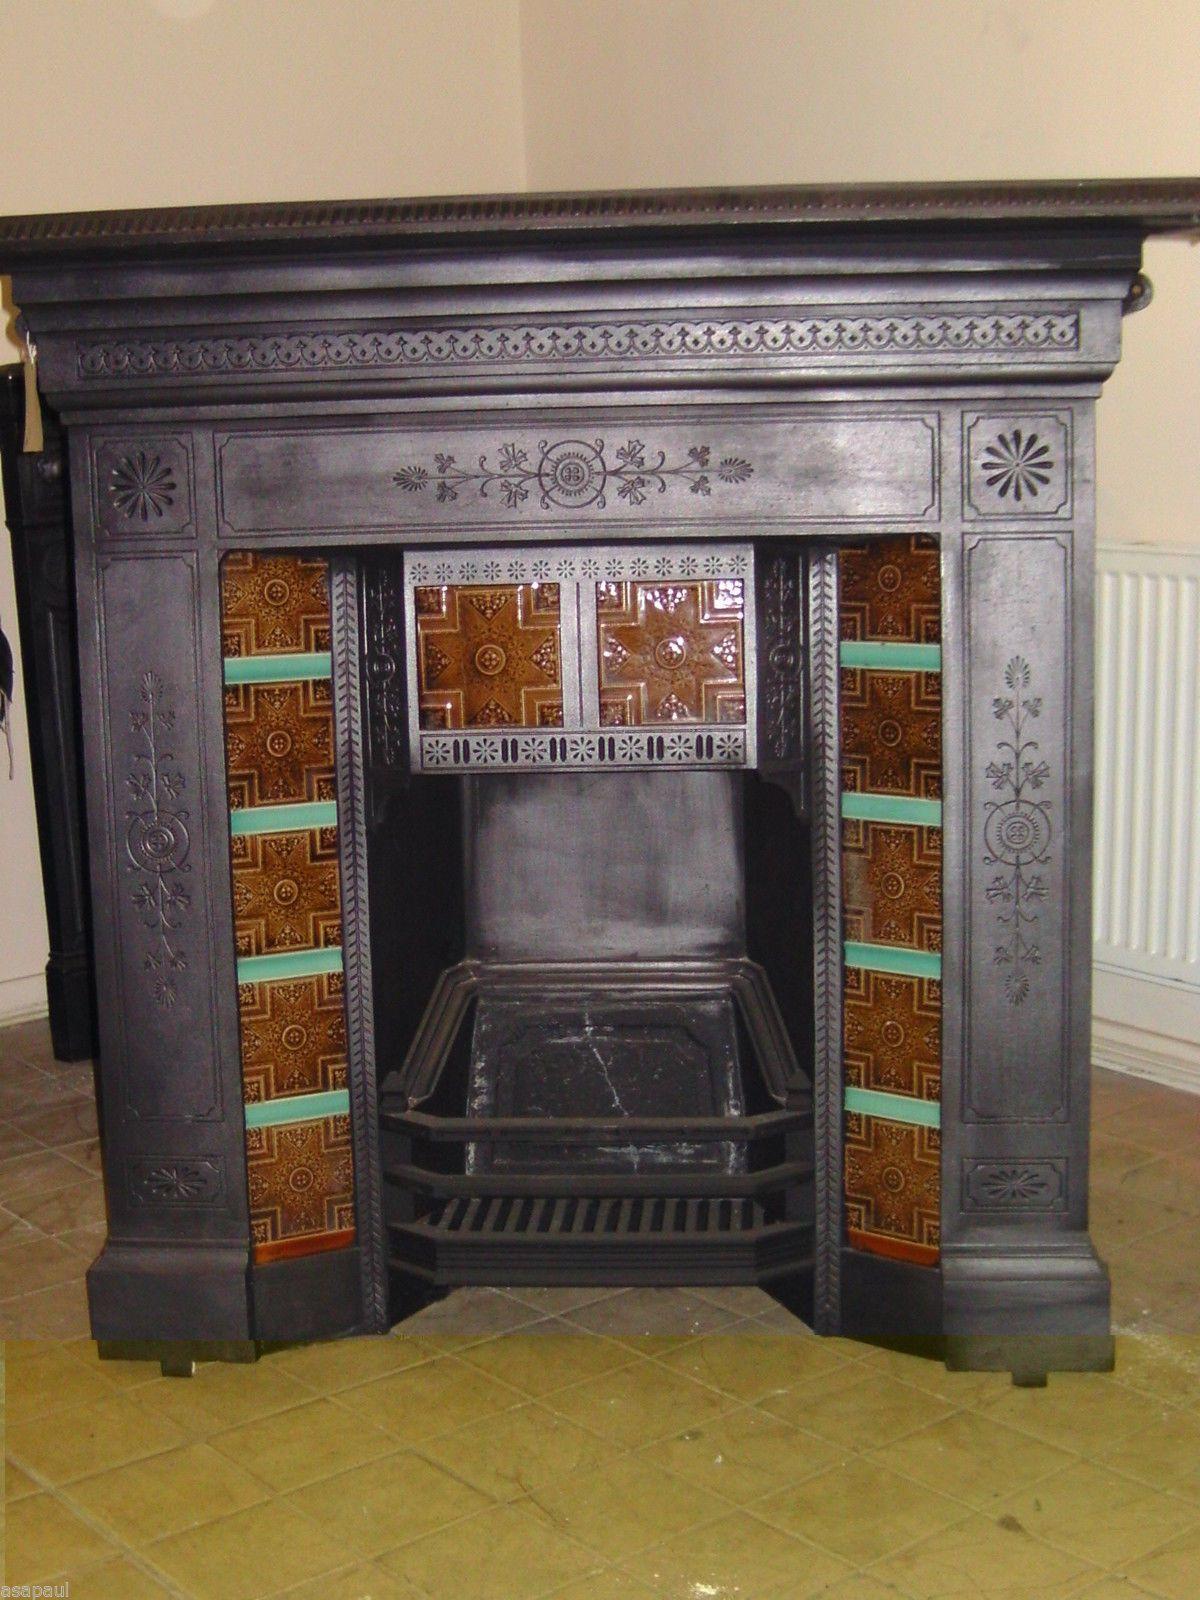 edwardian nouveau restoration tiles combination art product antique tile fireplace